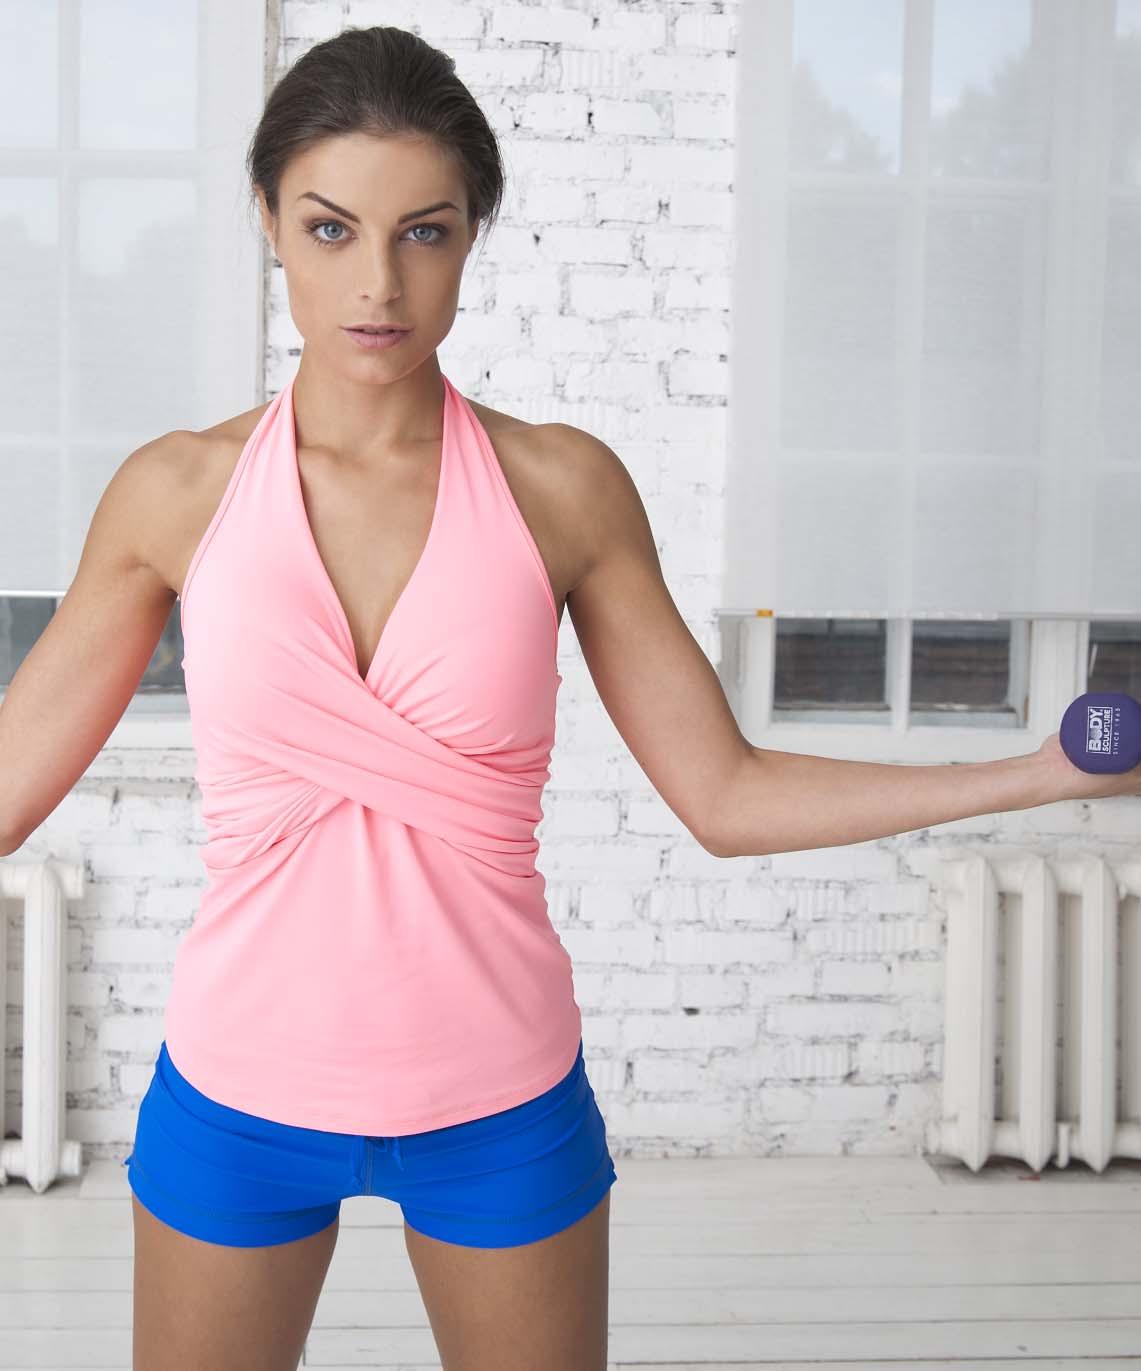 дешевая одежда для фитнеса в москве